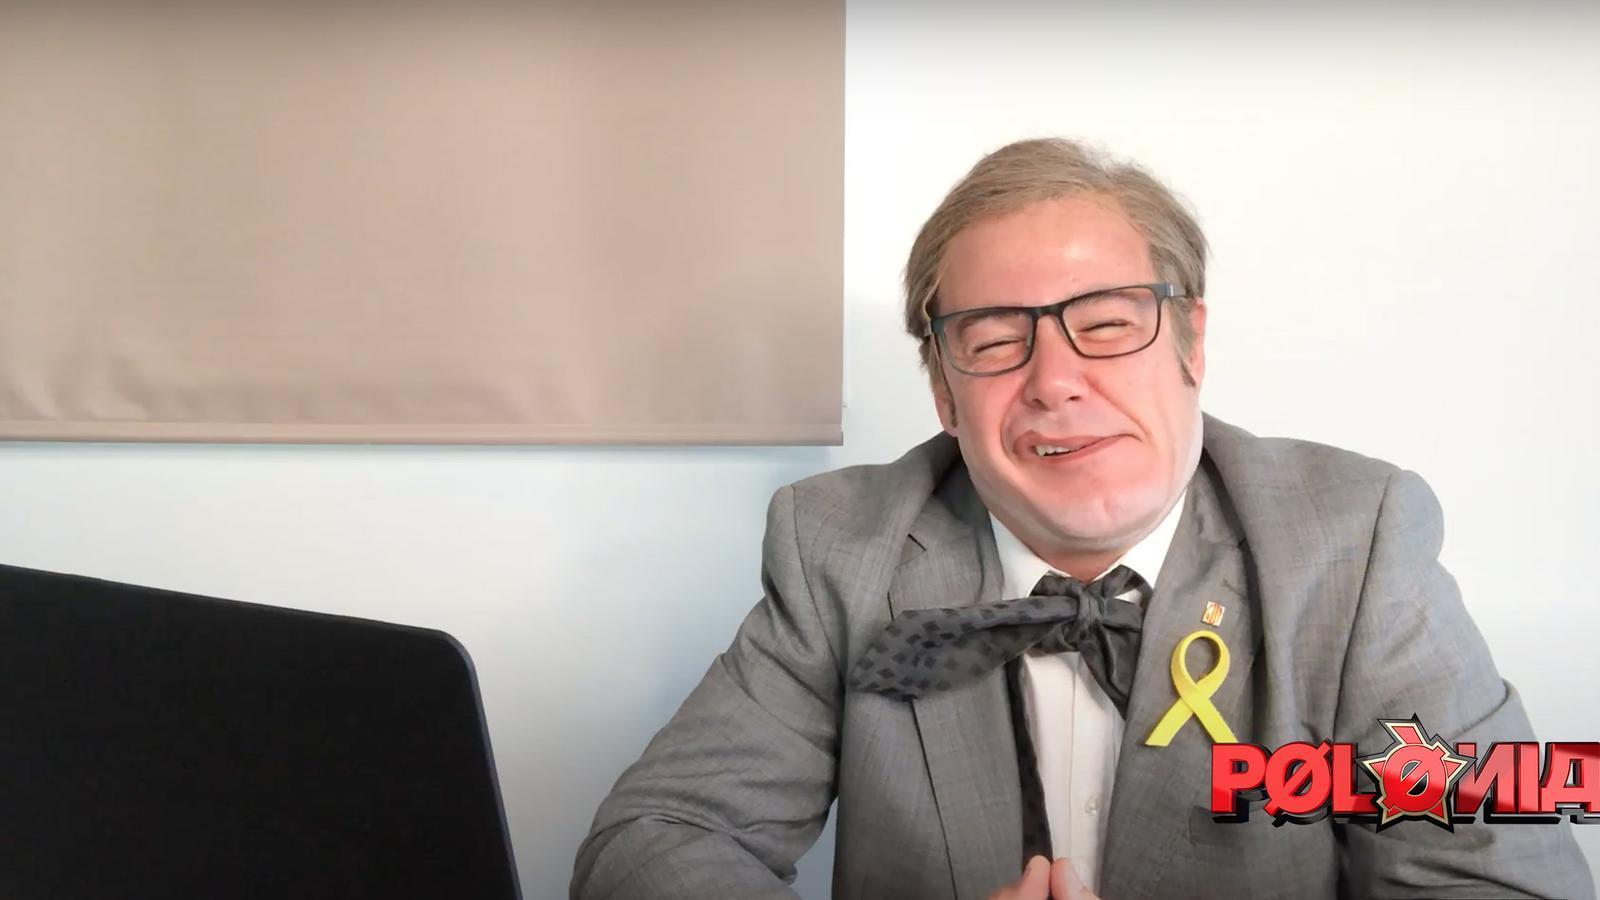 Ivan Labanda caracteritzat com a Quim Torra a 'Polònia'